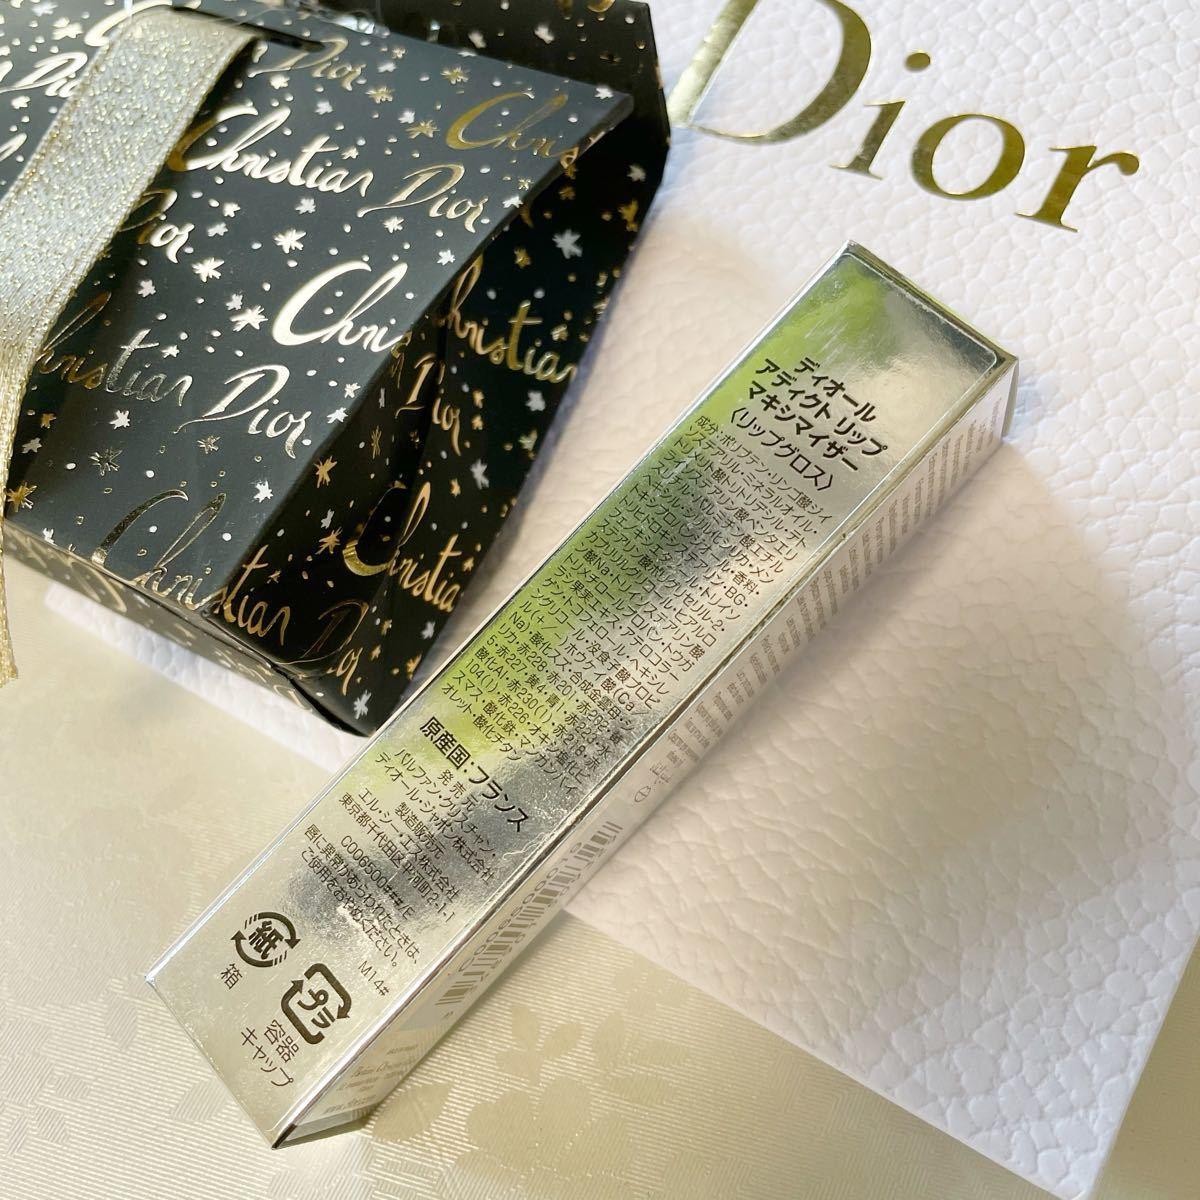 Dior アディクトリップマキシマイザー ディオール マキシマイザー リップマキシマイザー  プレゼント包装 新品未使用未開封